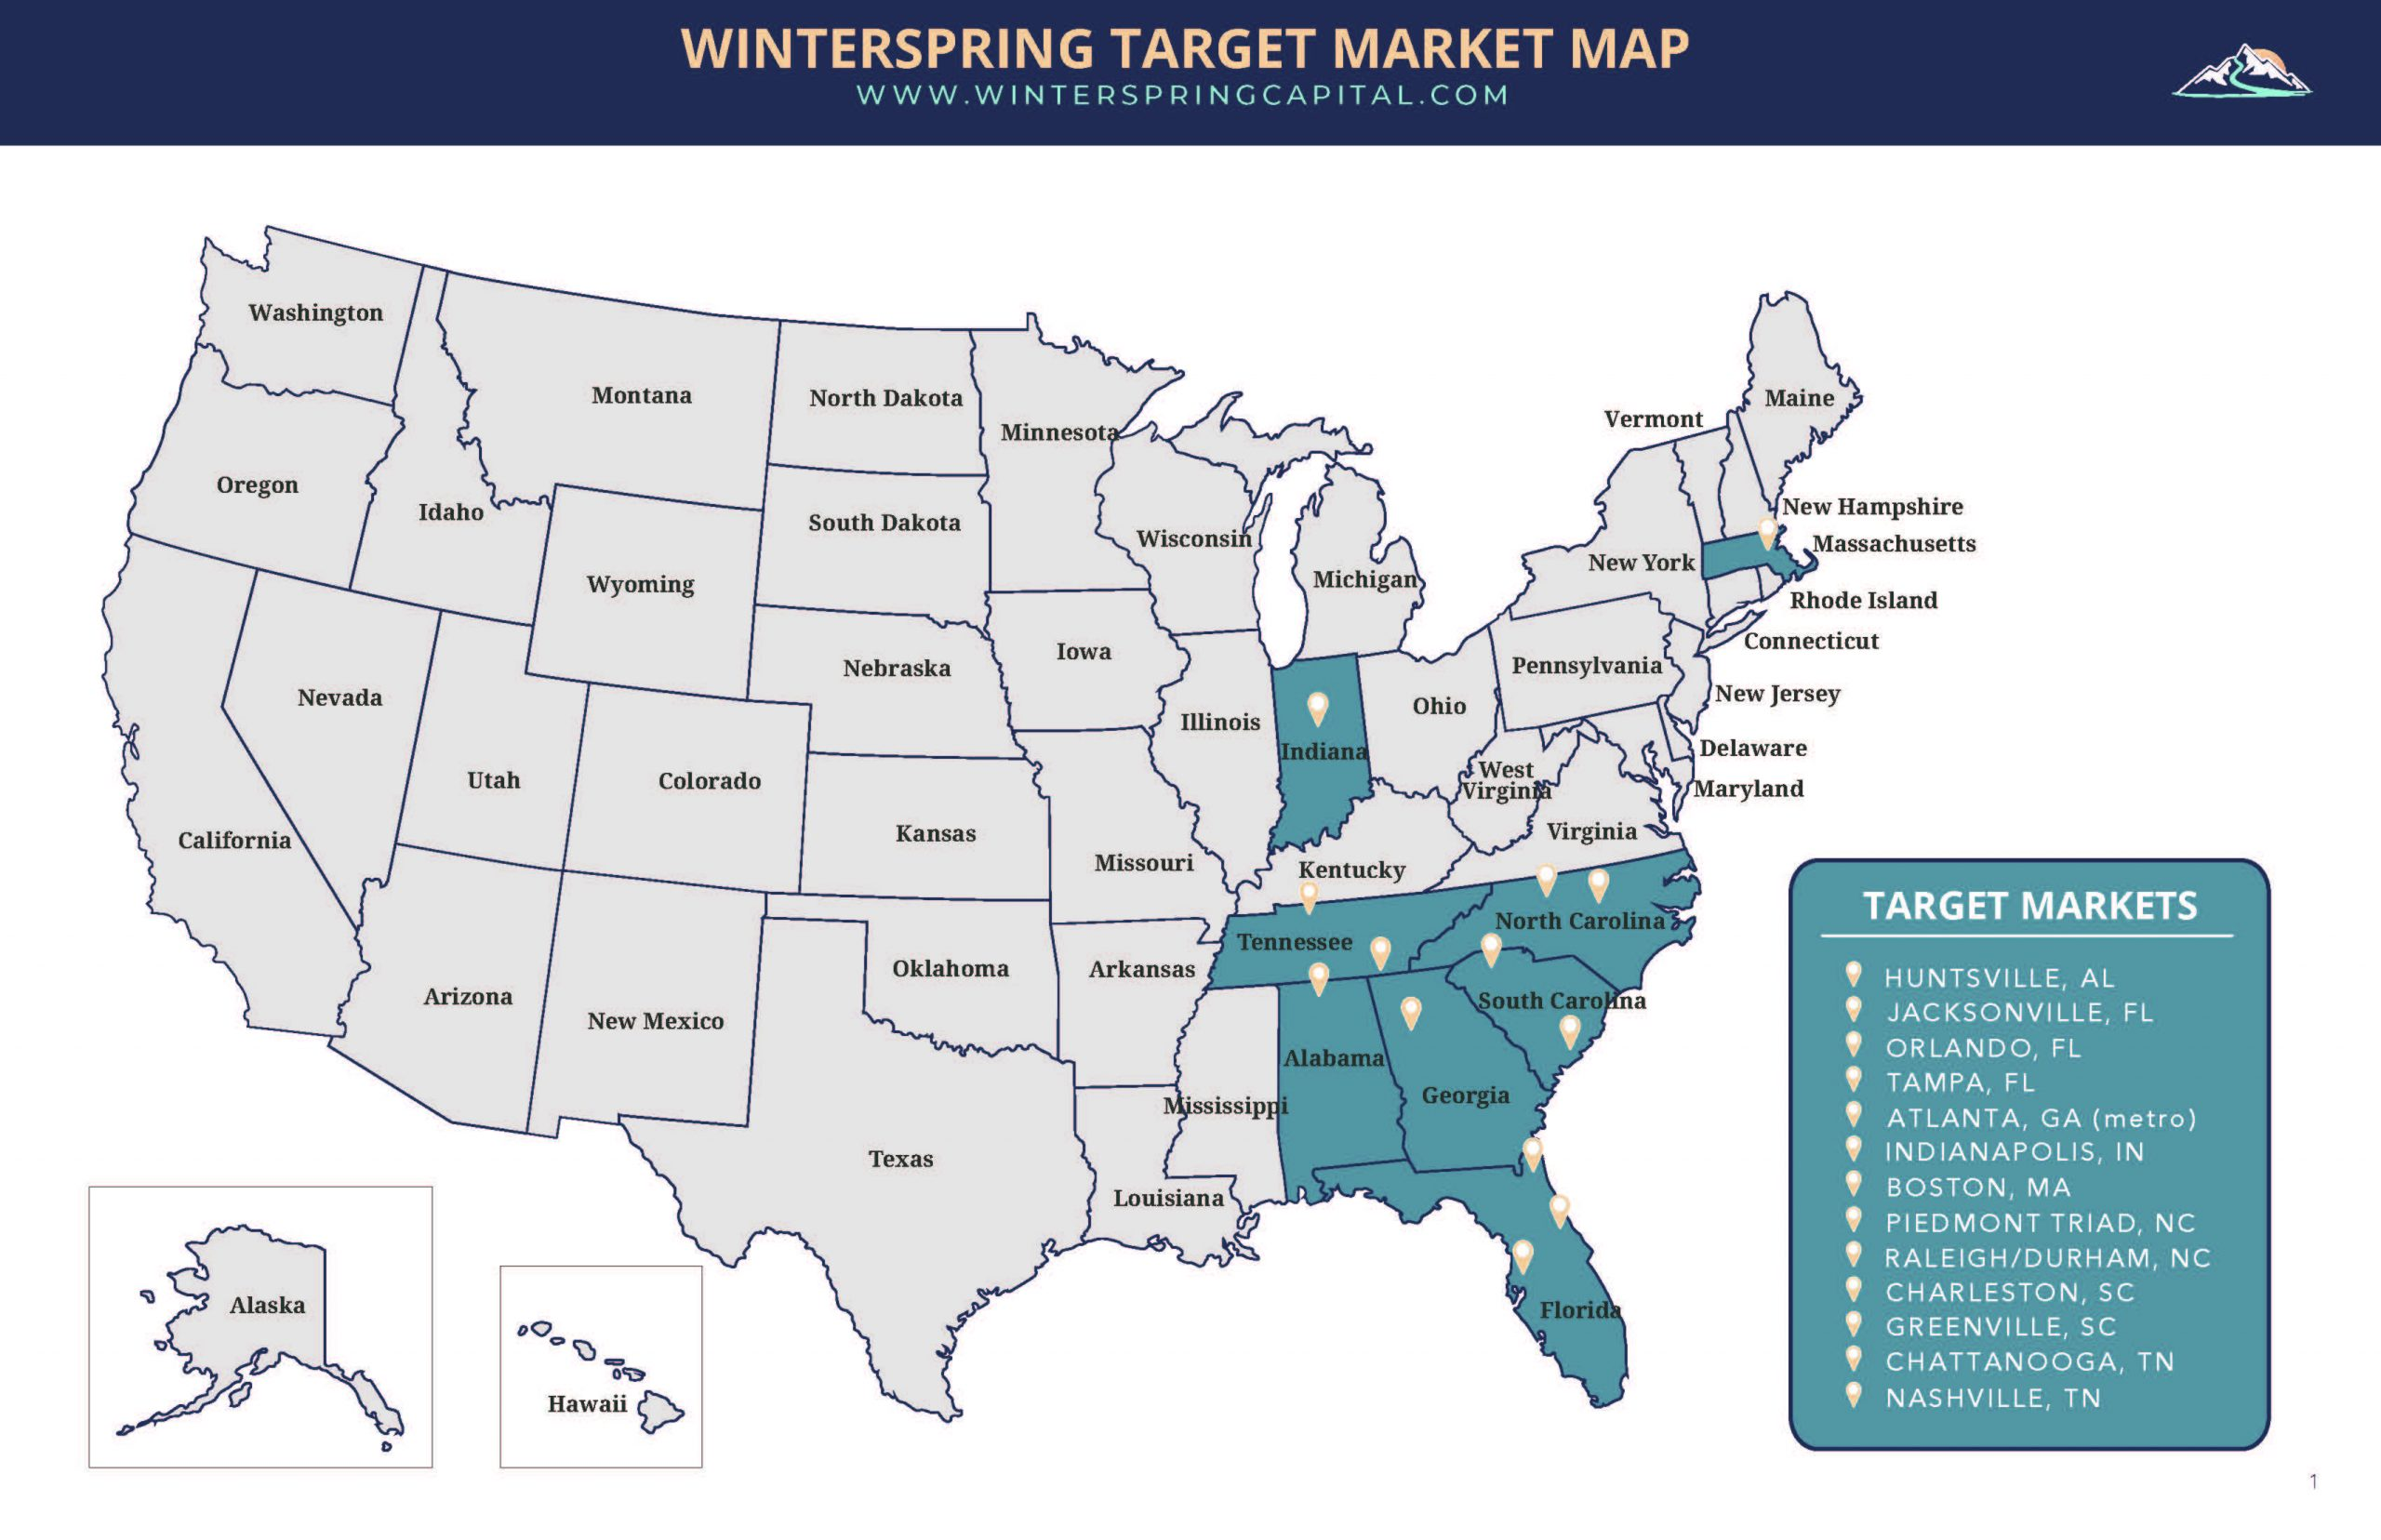 Target Markets